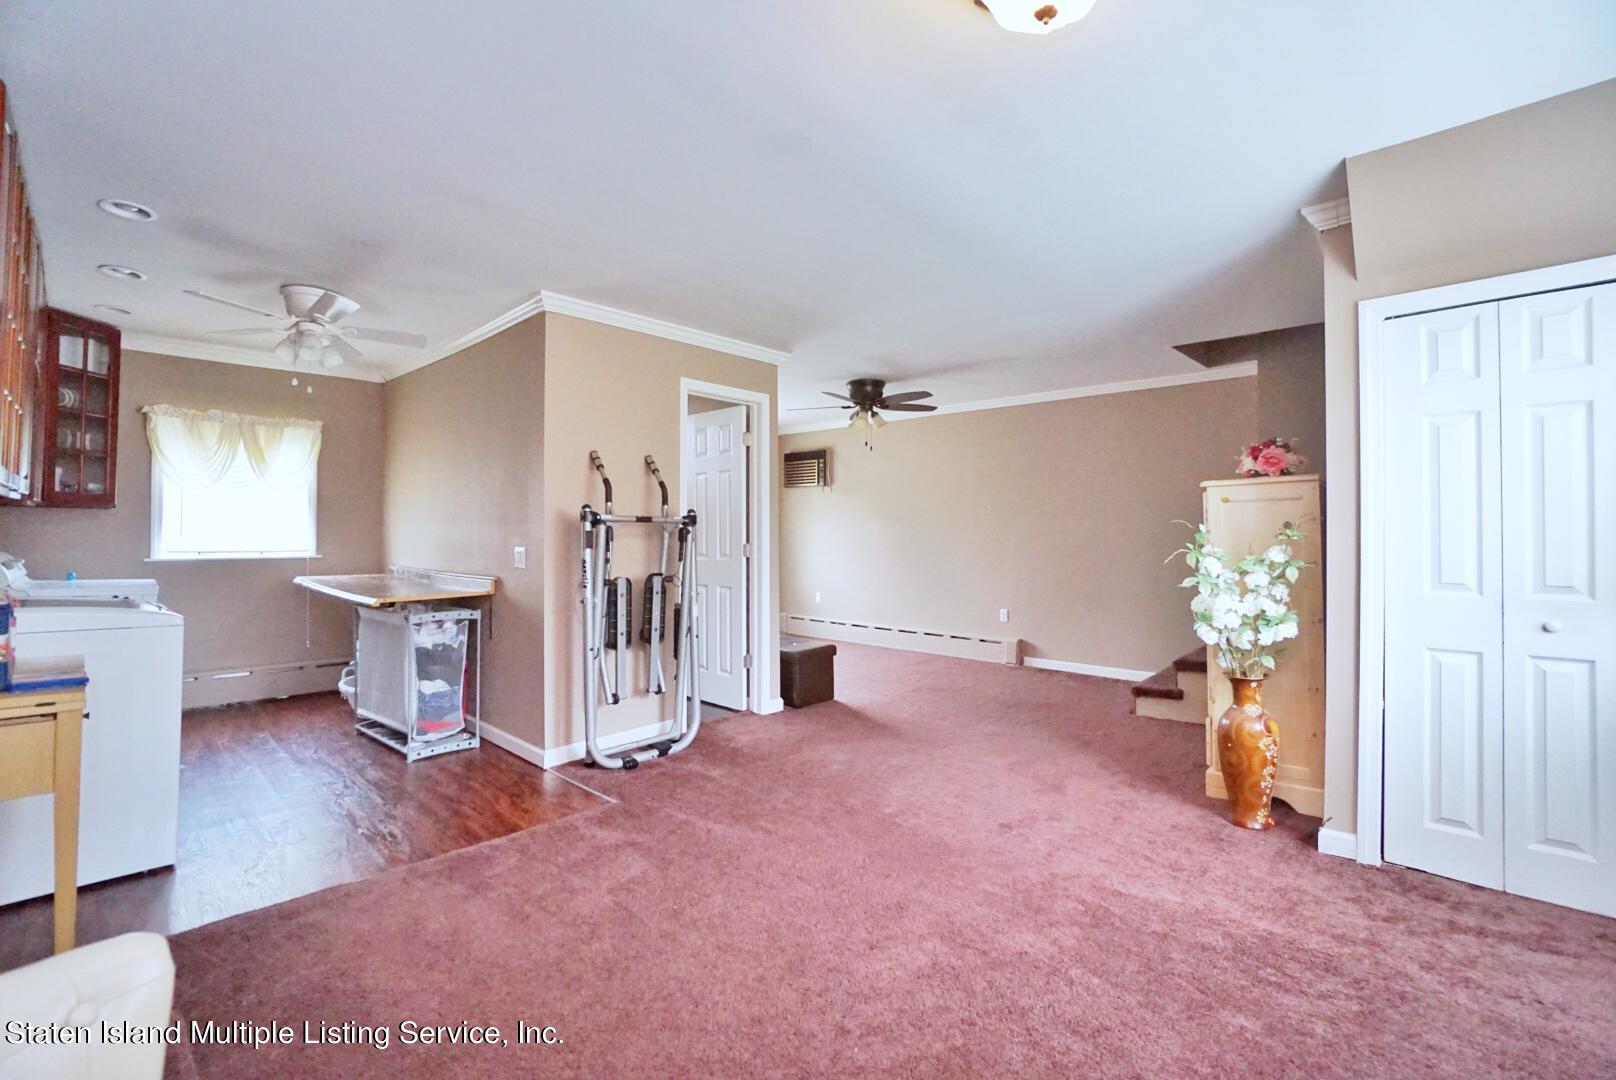 Single Family - Detached 226 Roma Avenue  Staten Island, NY 10306, MLS-1148579-28